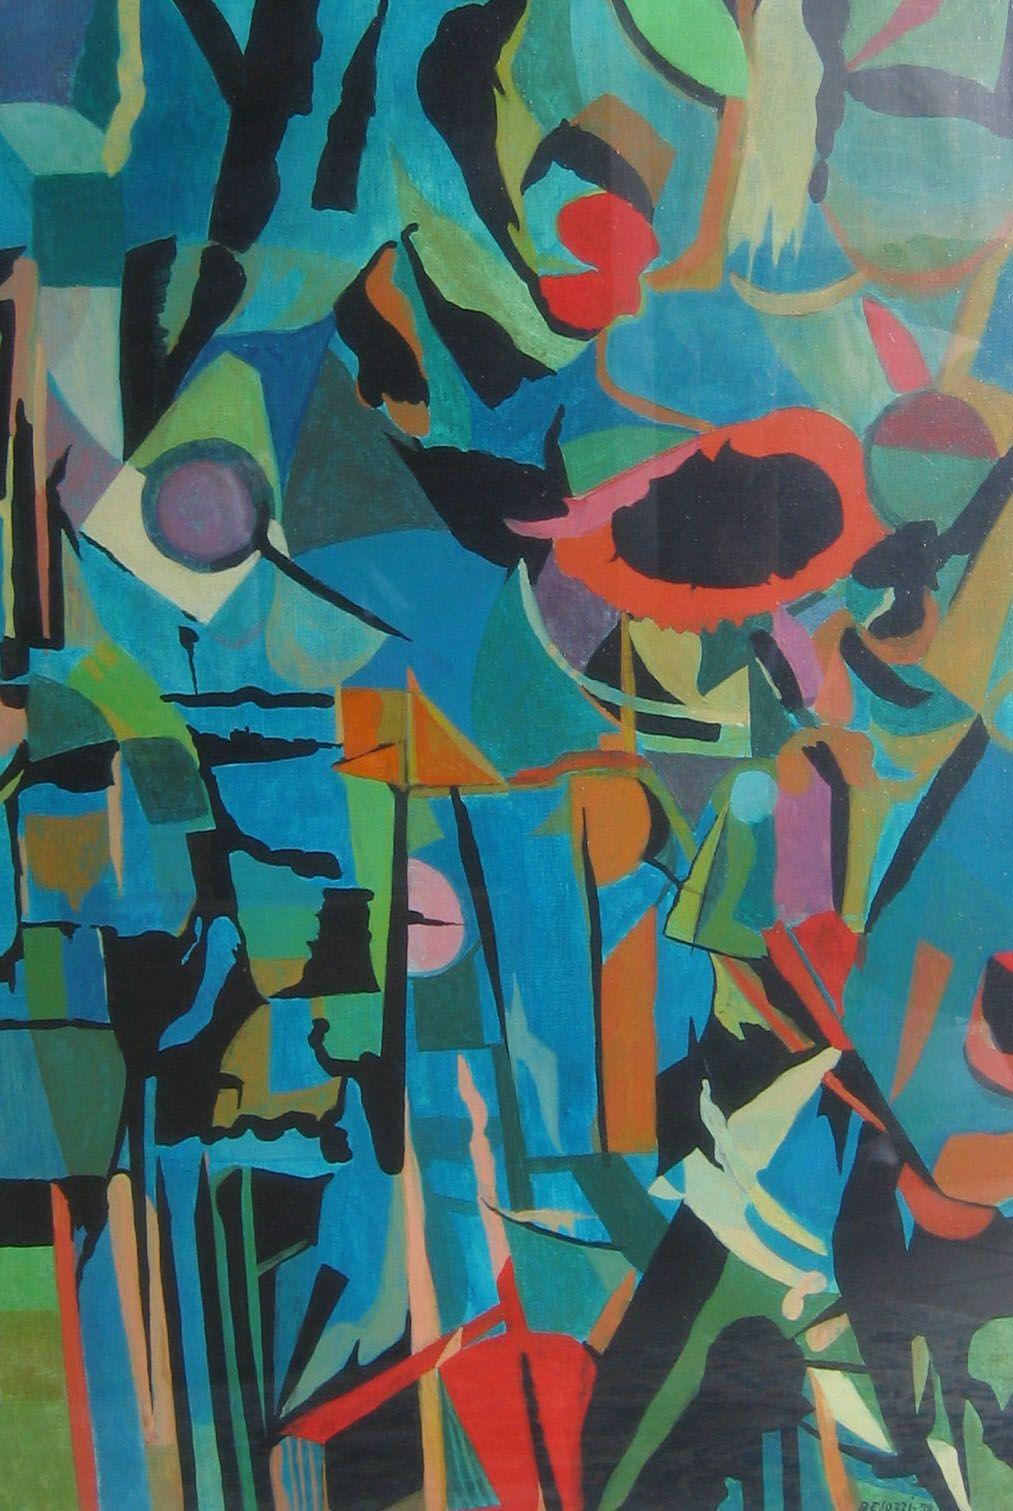 Ermanno Besozzi pittore 1958 Fiori di campo olio e tempera su tela cm 70x50 arc 998